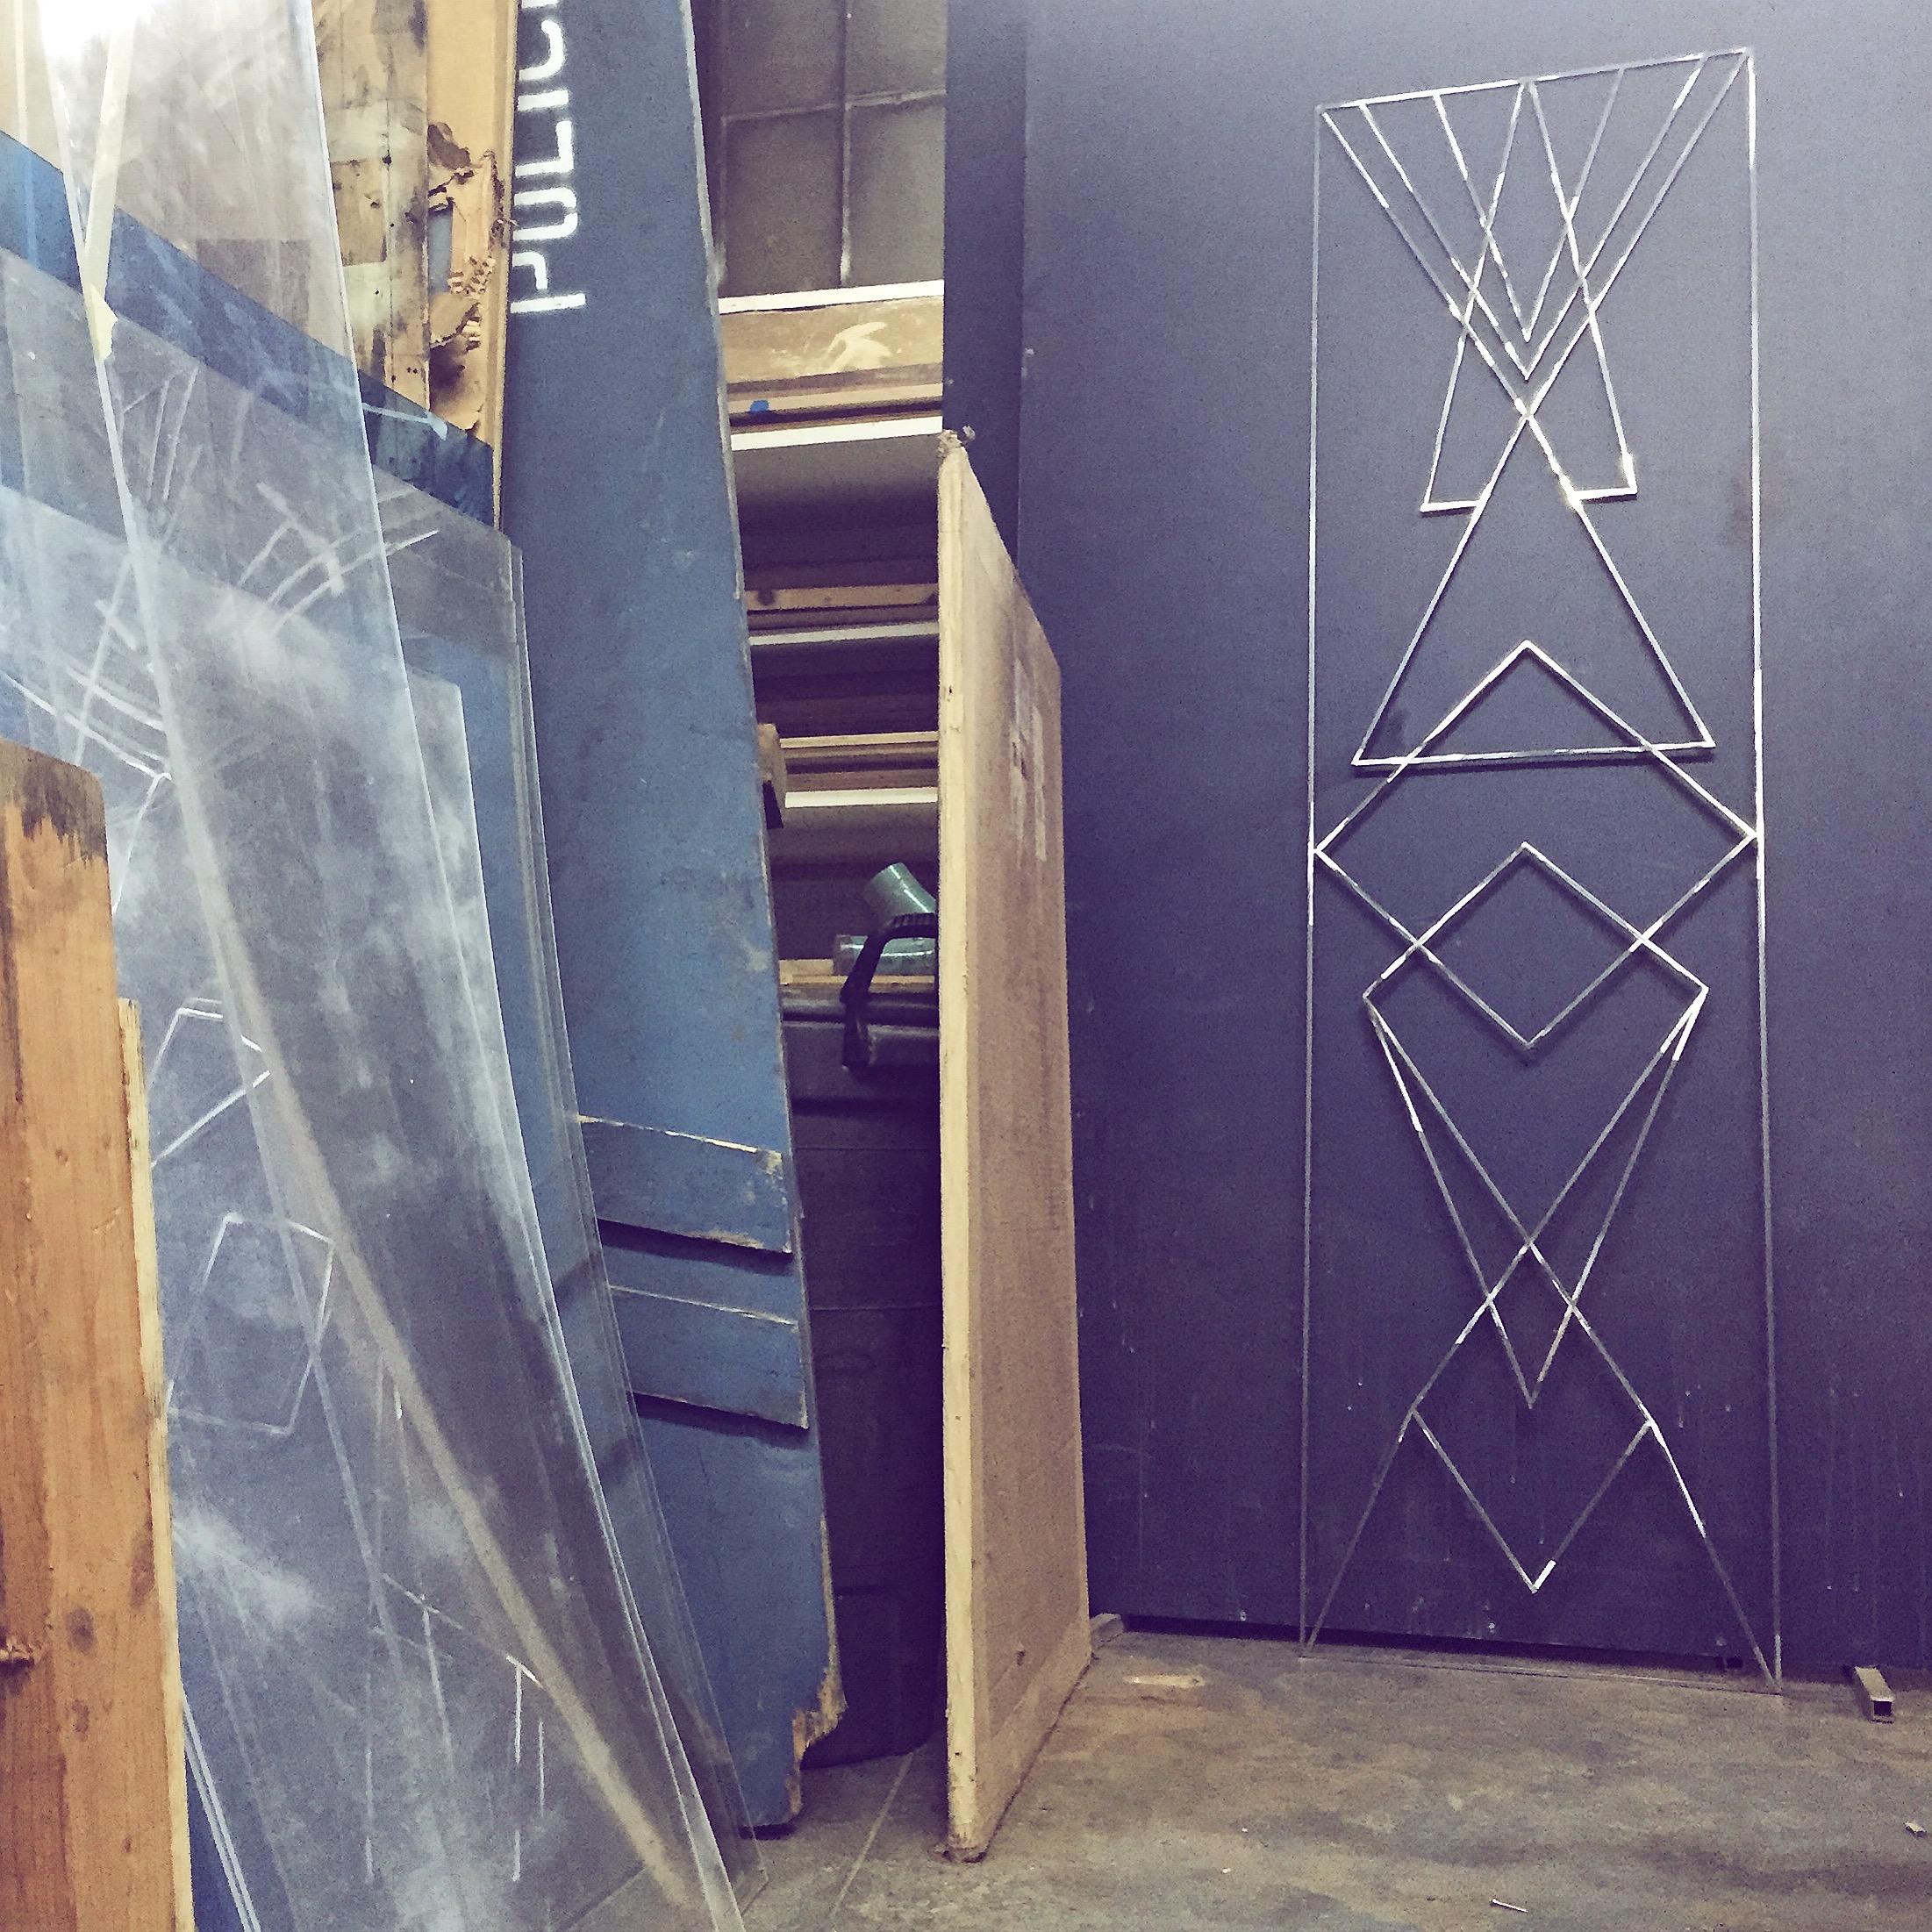 sigil in studio.jpg